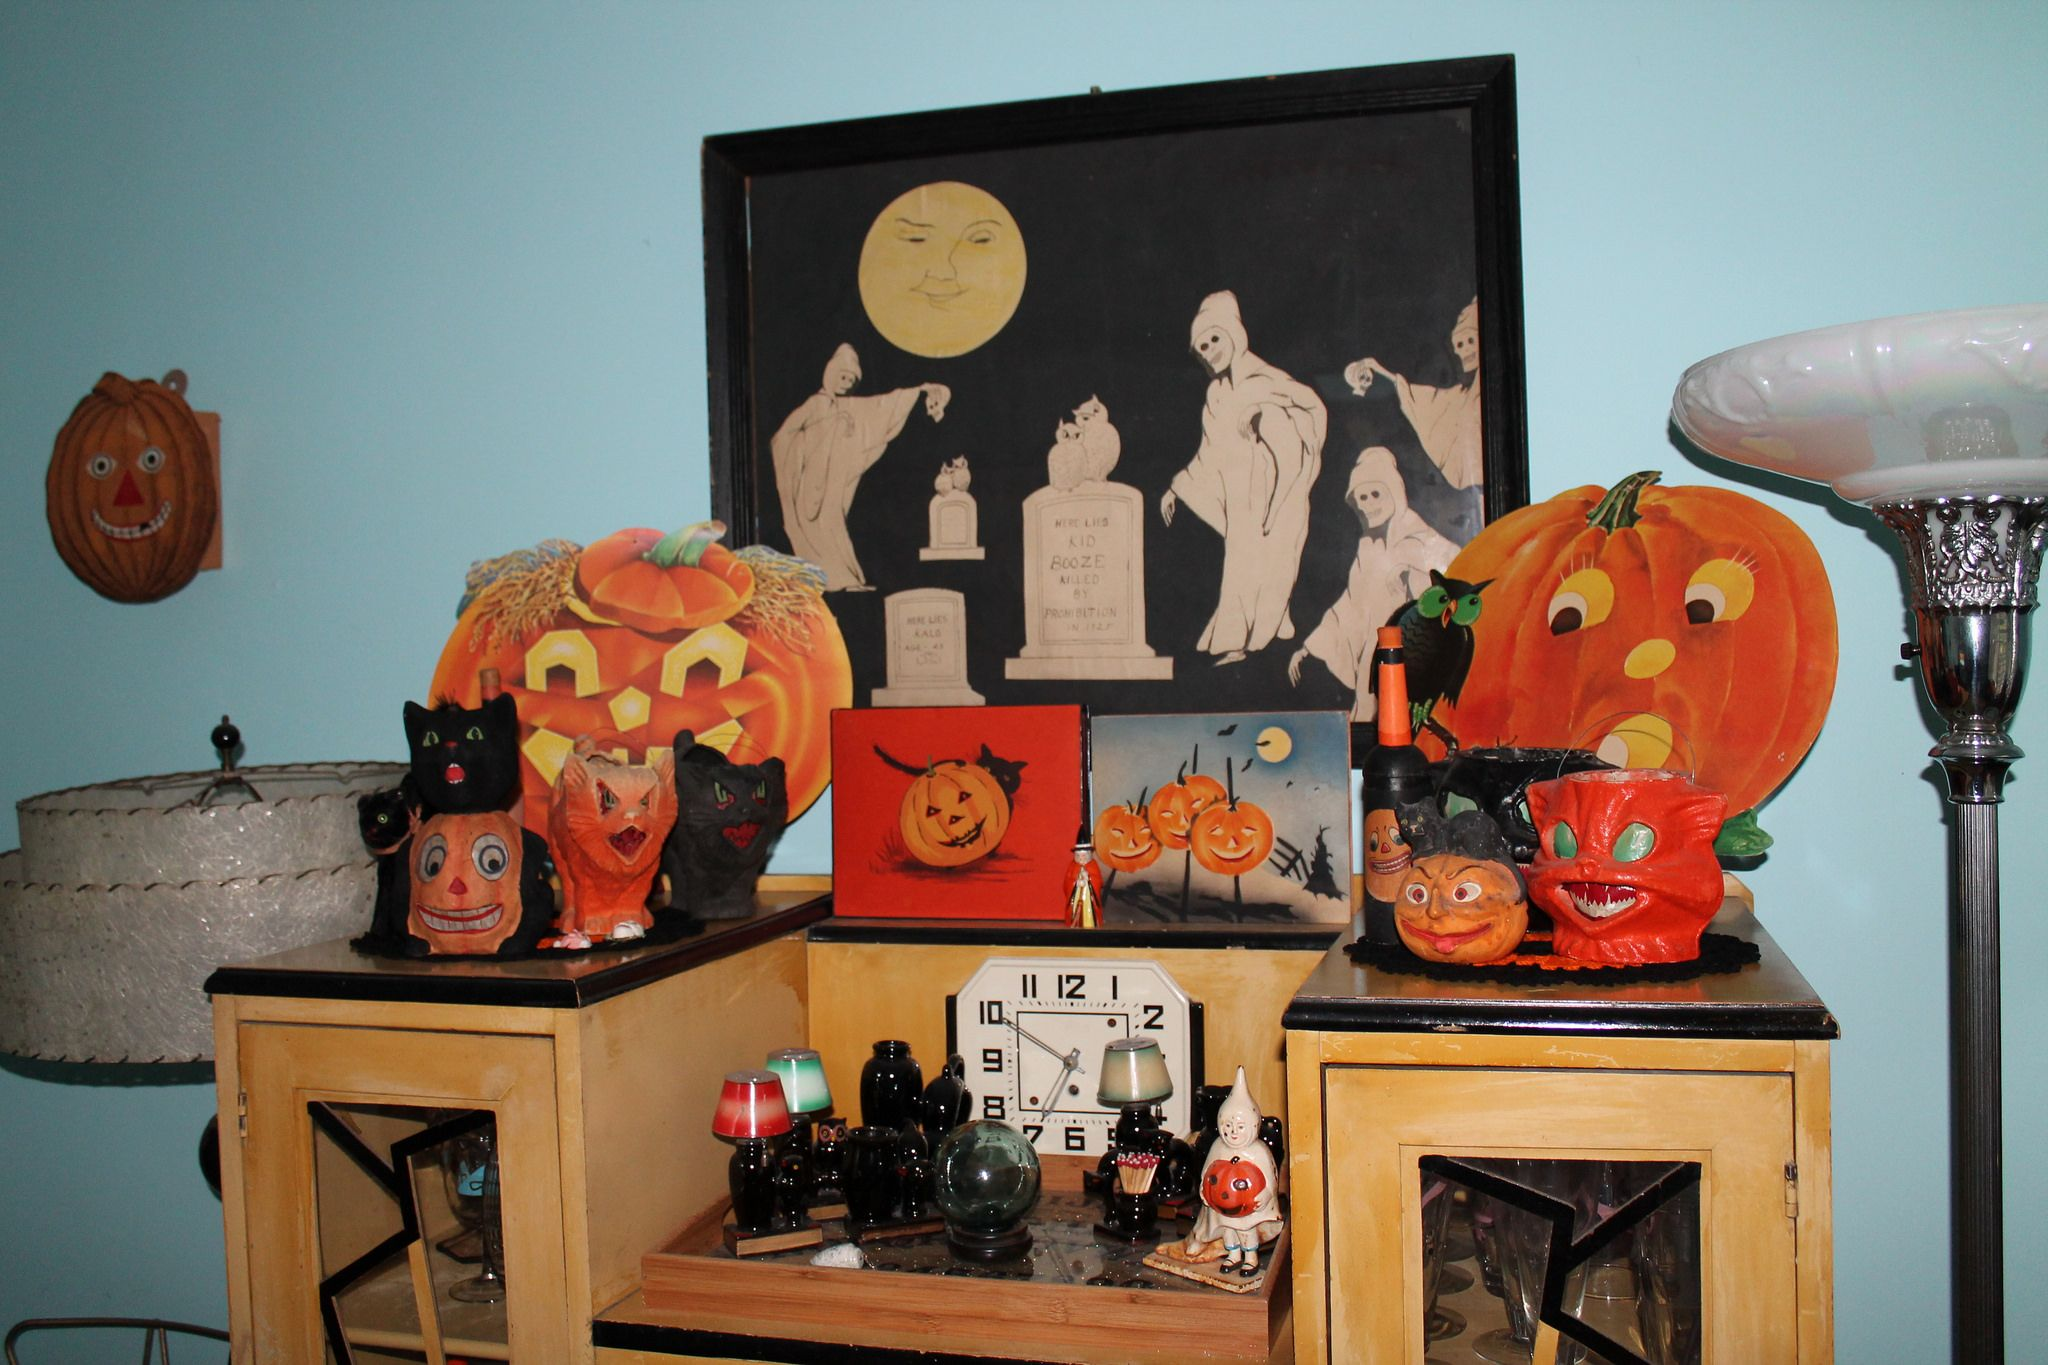 Httpsflickrppe8J8Q - Guest Room Halloween Display - Favourite Dennison Die